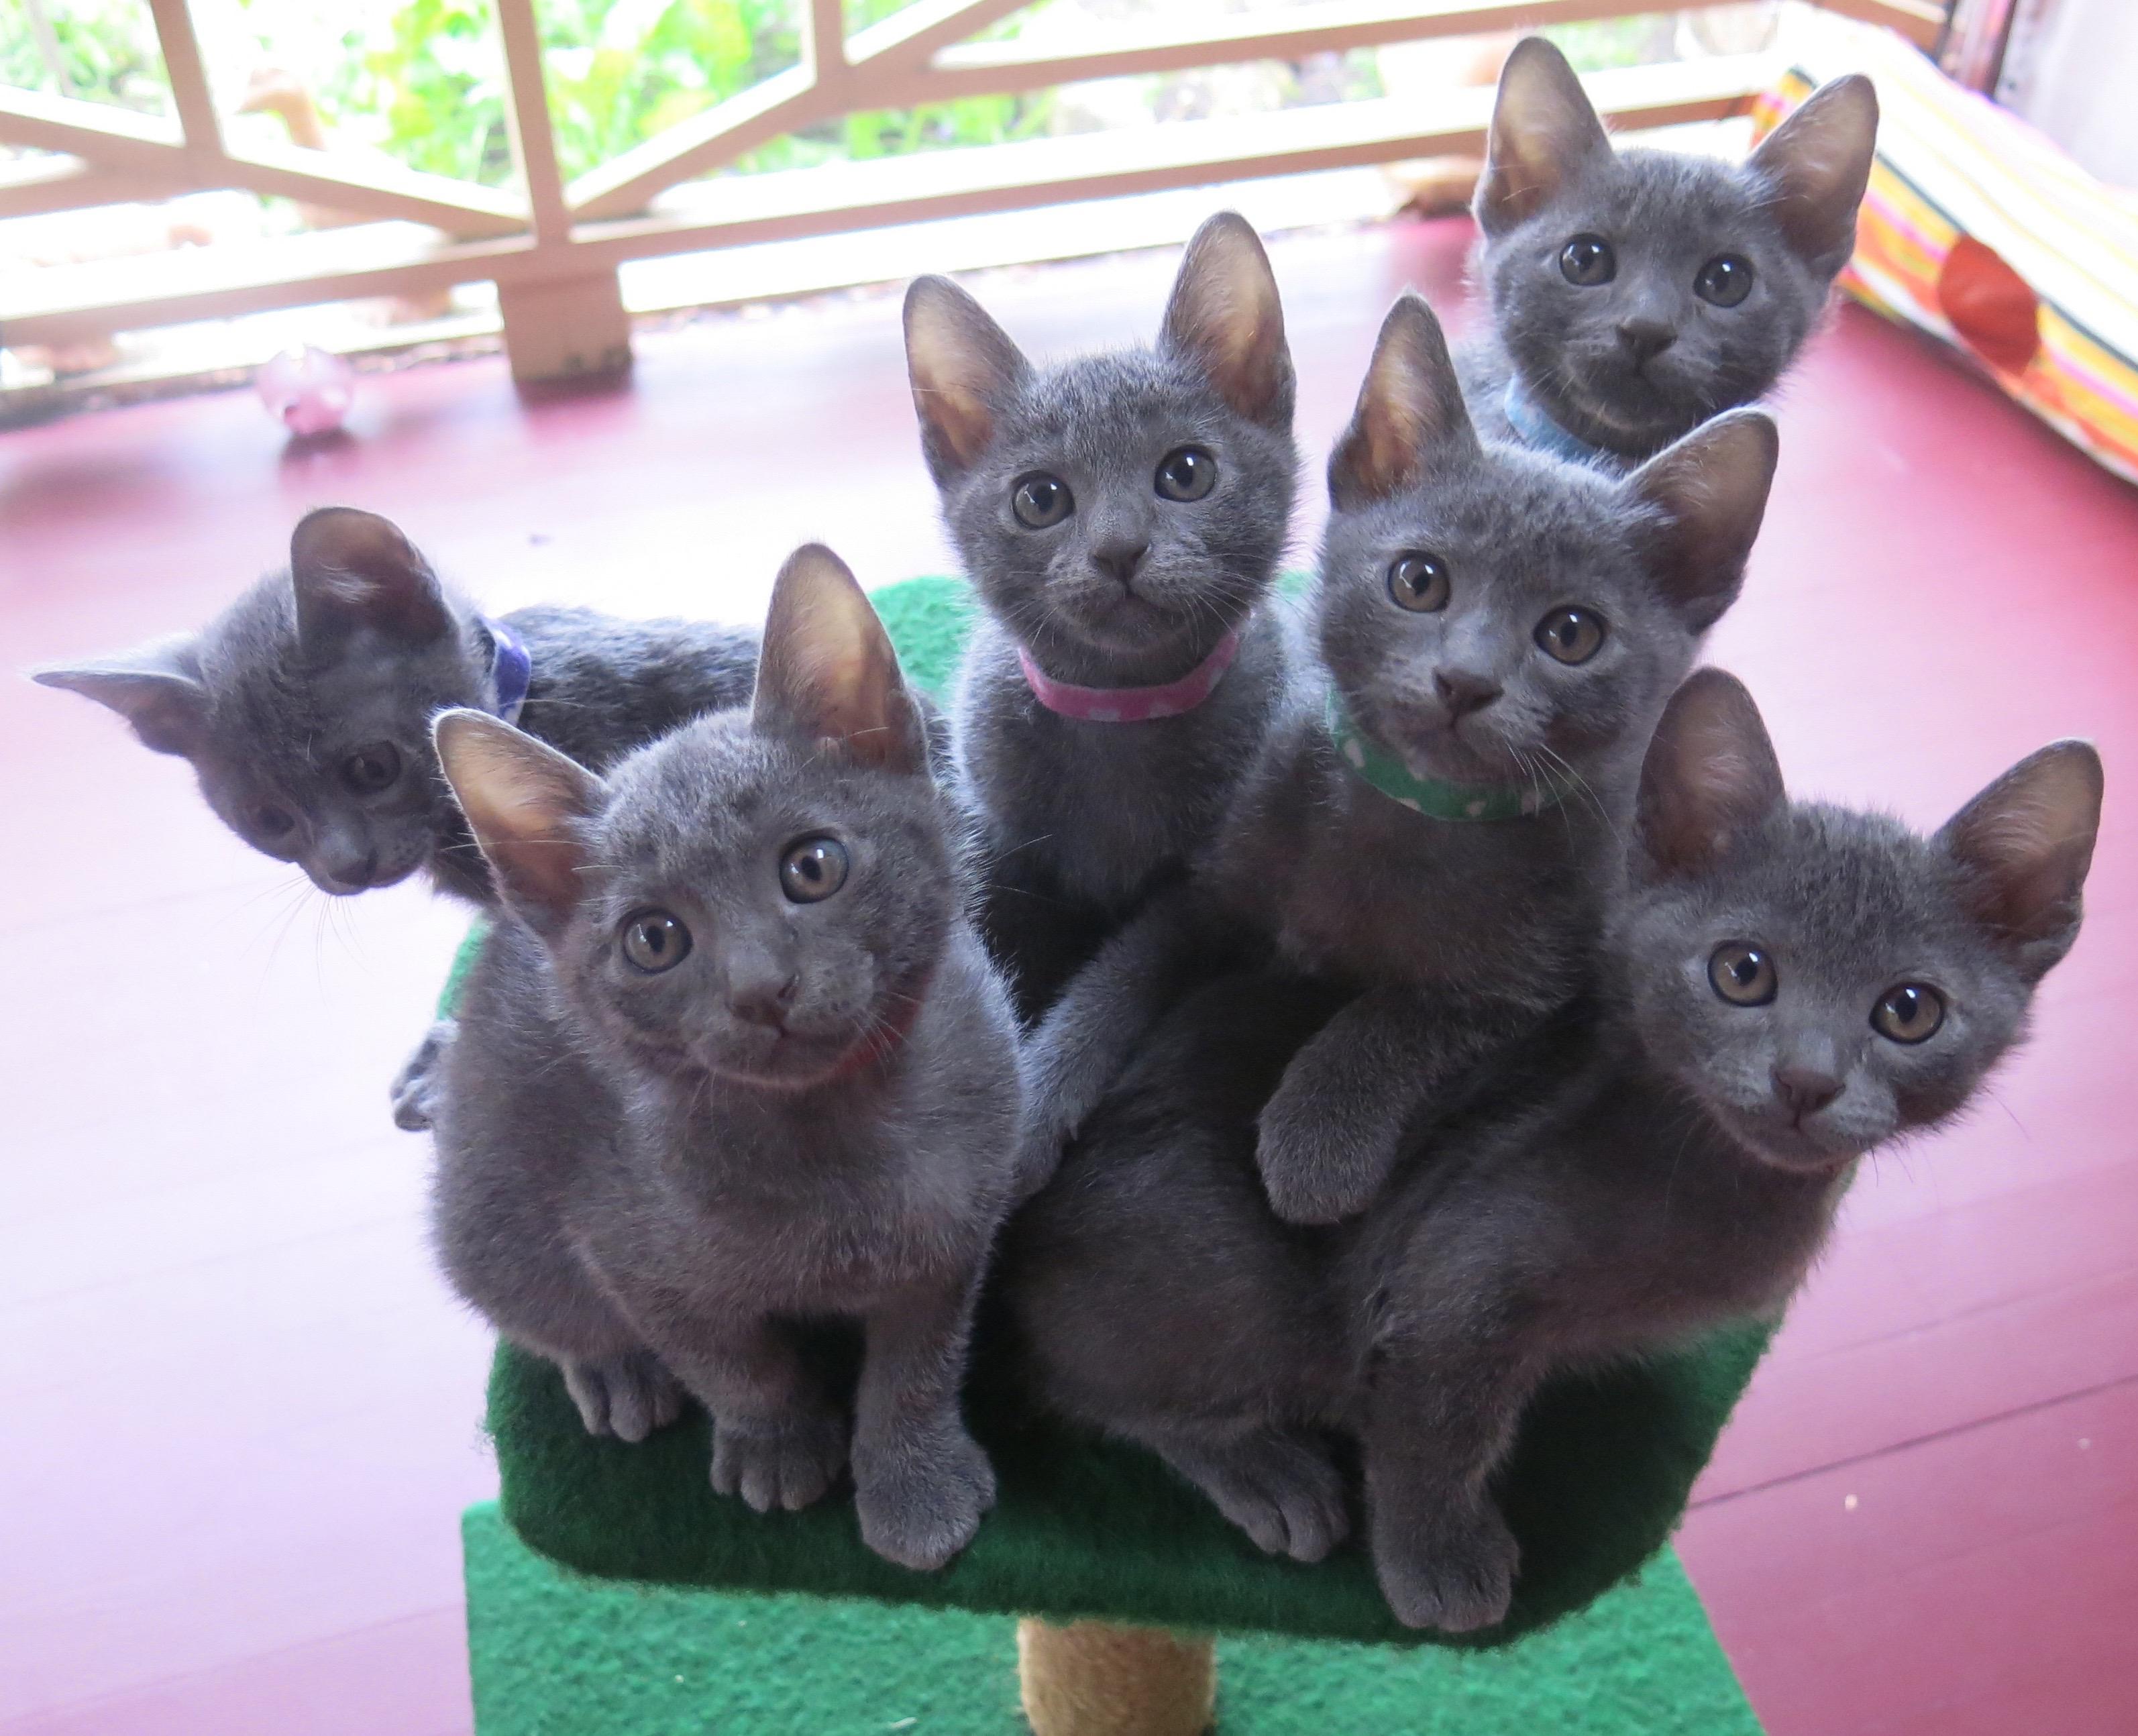 Korat Kittens - Doklao Korats gallery image